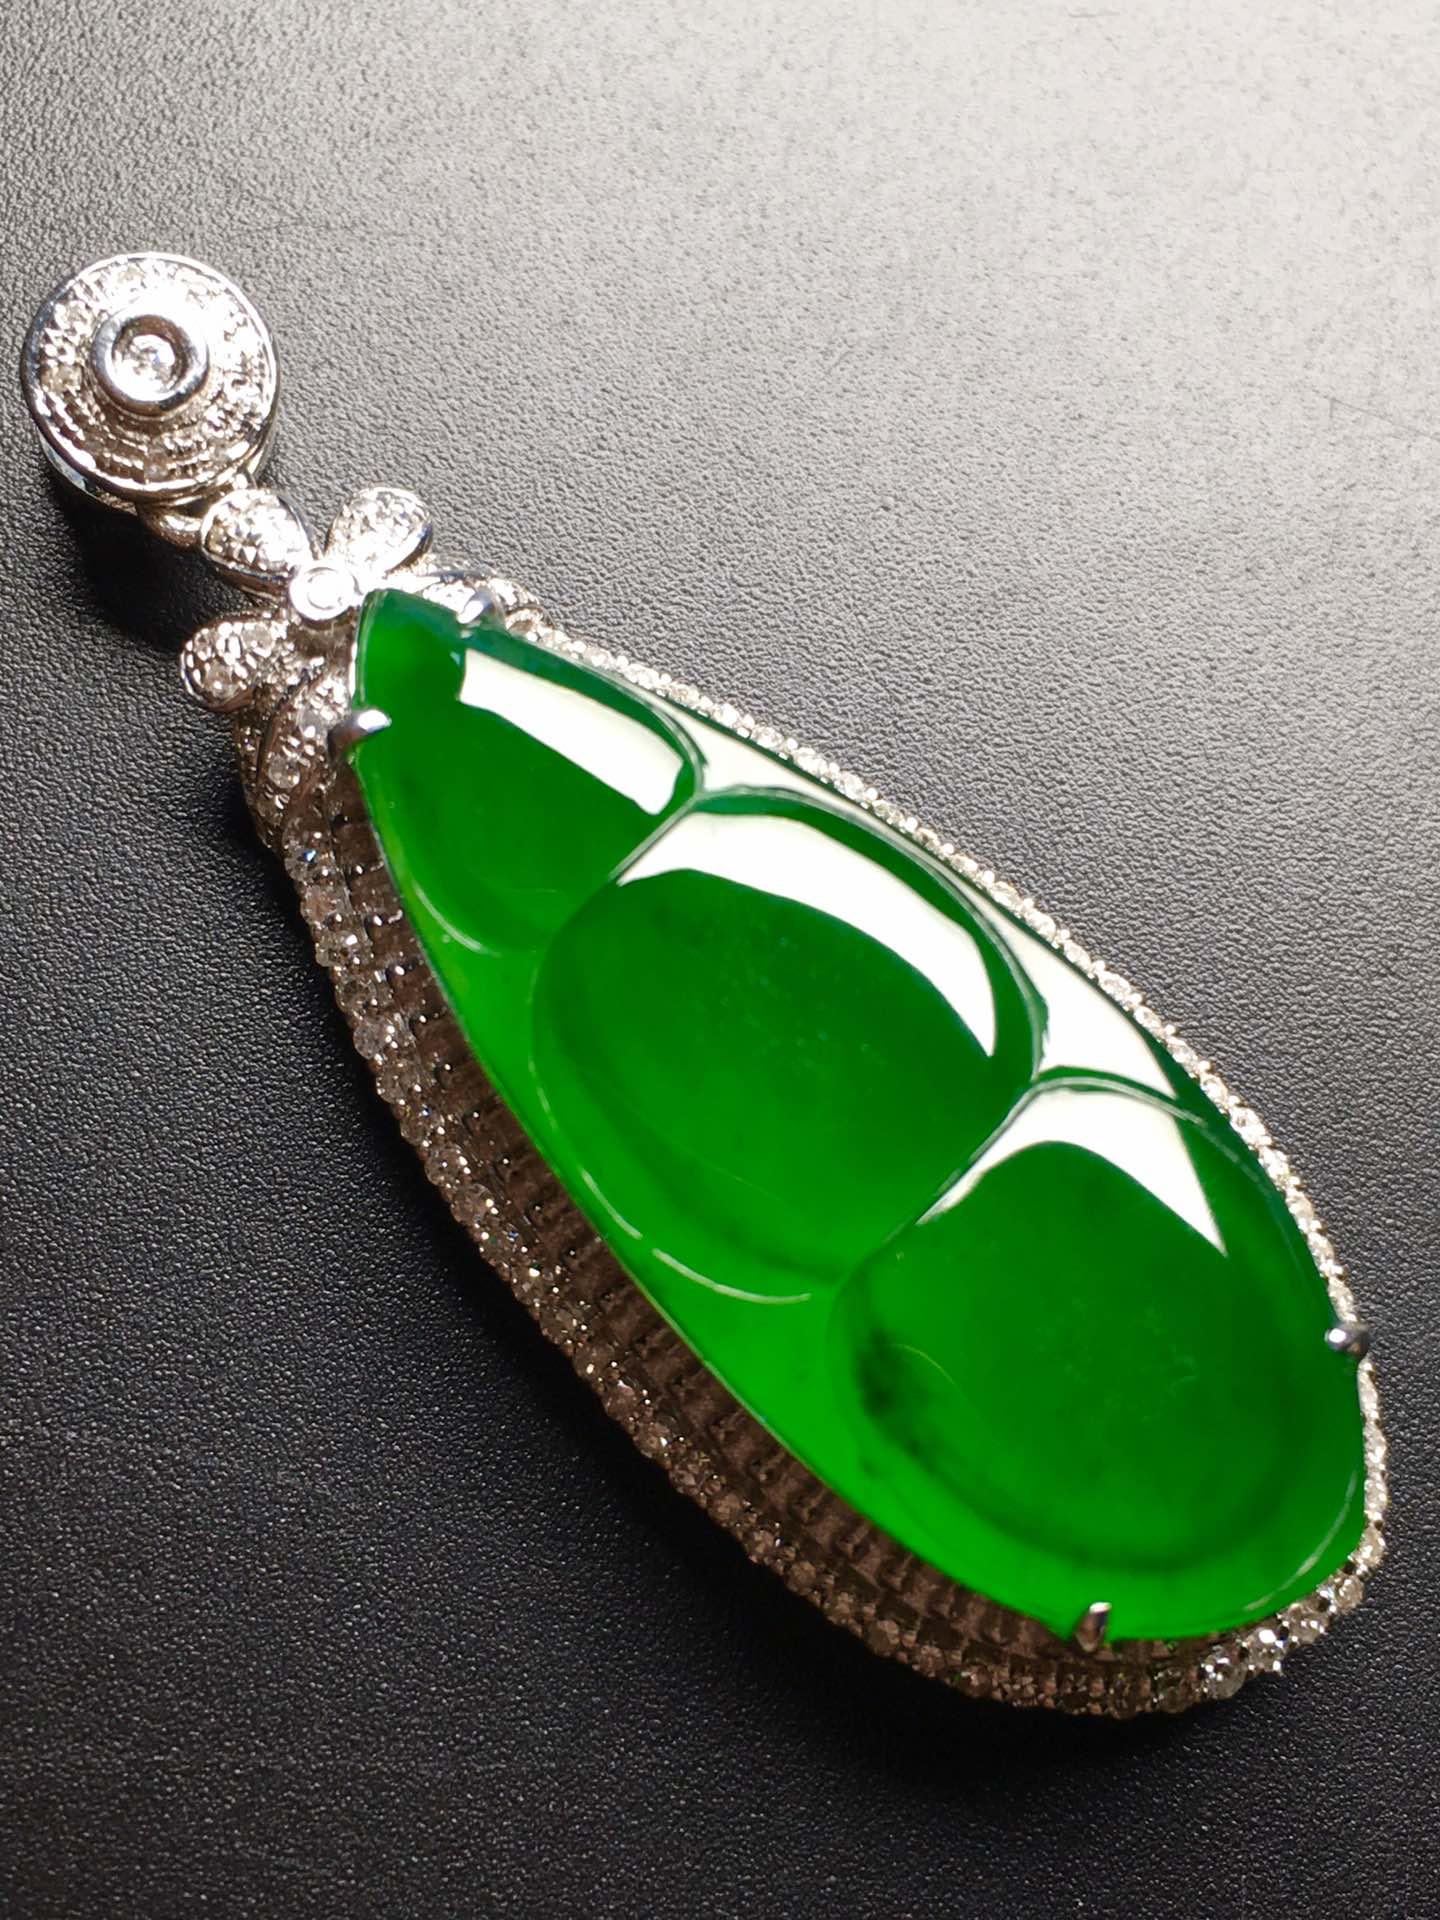 价❤帝王绿福豆吊坠,冰透水润,完美裸石:29.7-11.9-3